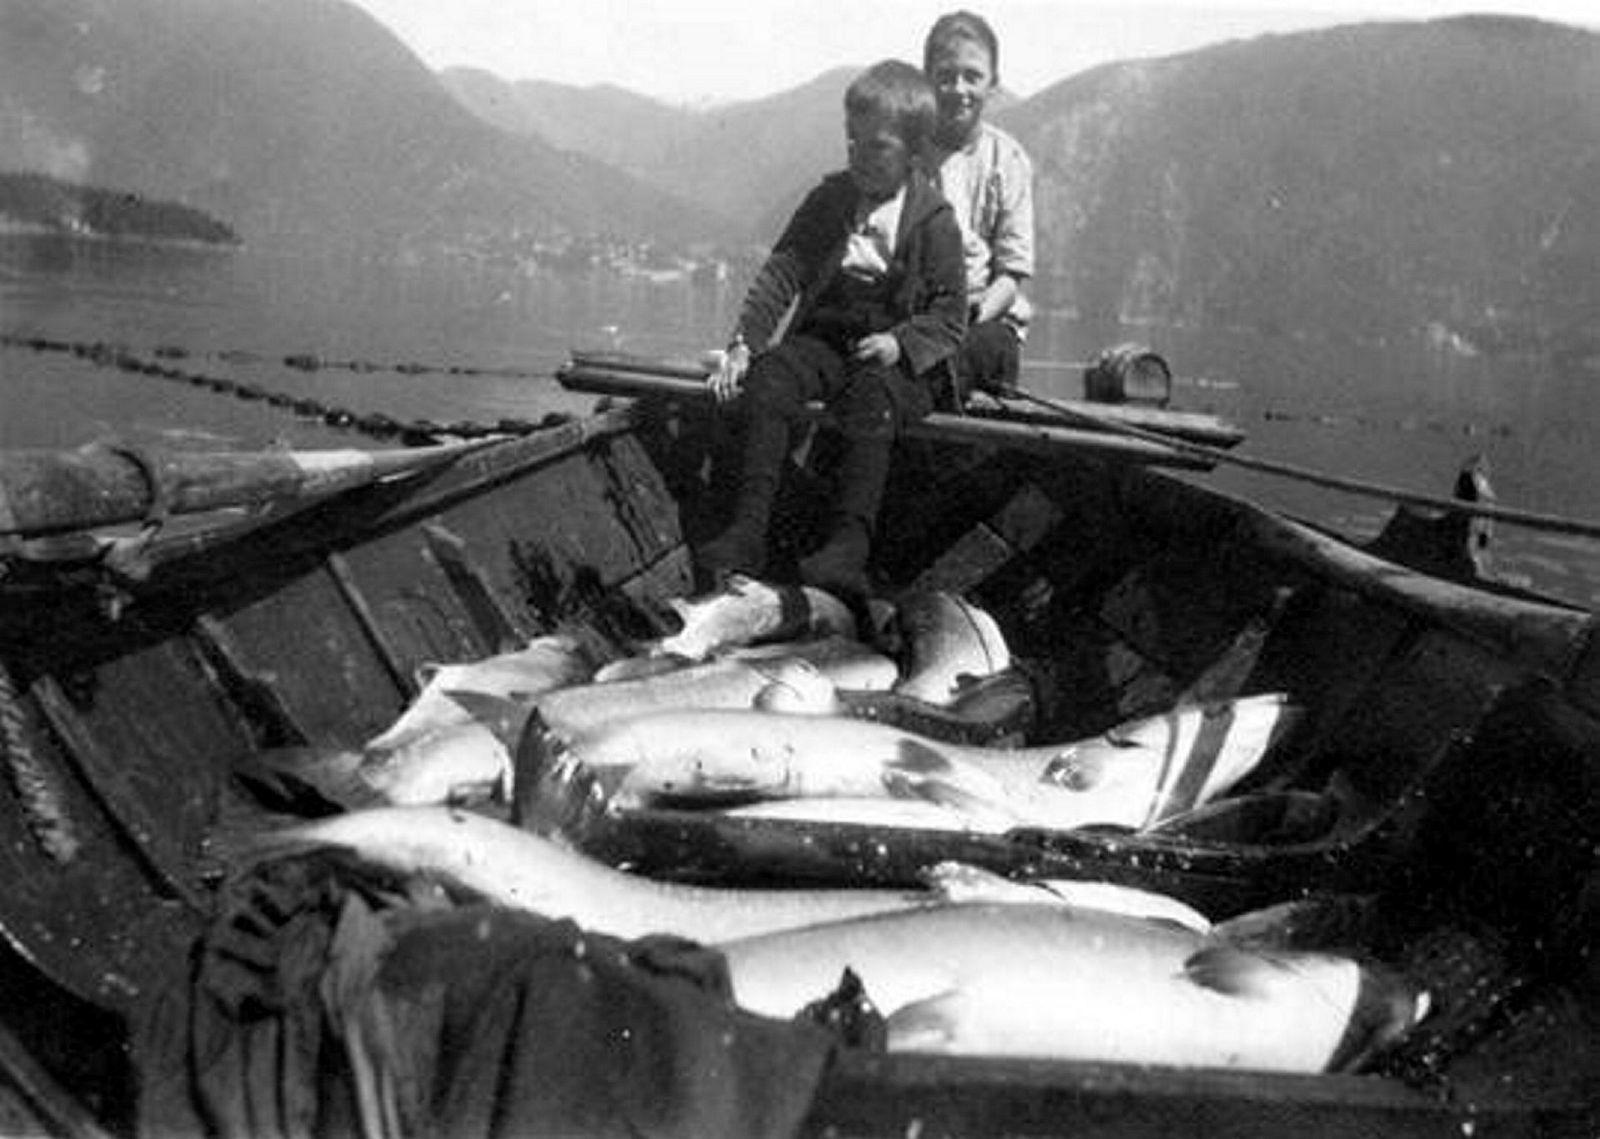 Det var en gang da Vosso nærmest flommet over av storlaks og det ble fanget laks i store mengder i kilenøtene i fjorden. Slik er det ikke lenger, og den storstilte redningsaksjonen for Vosso-laksen har så langt gitt magre resultater.